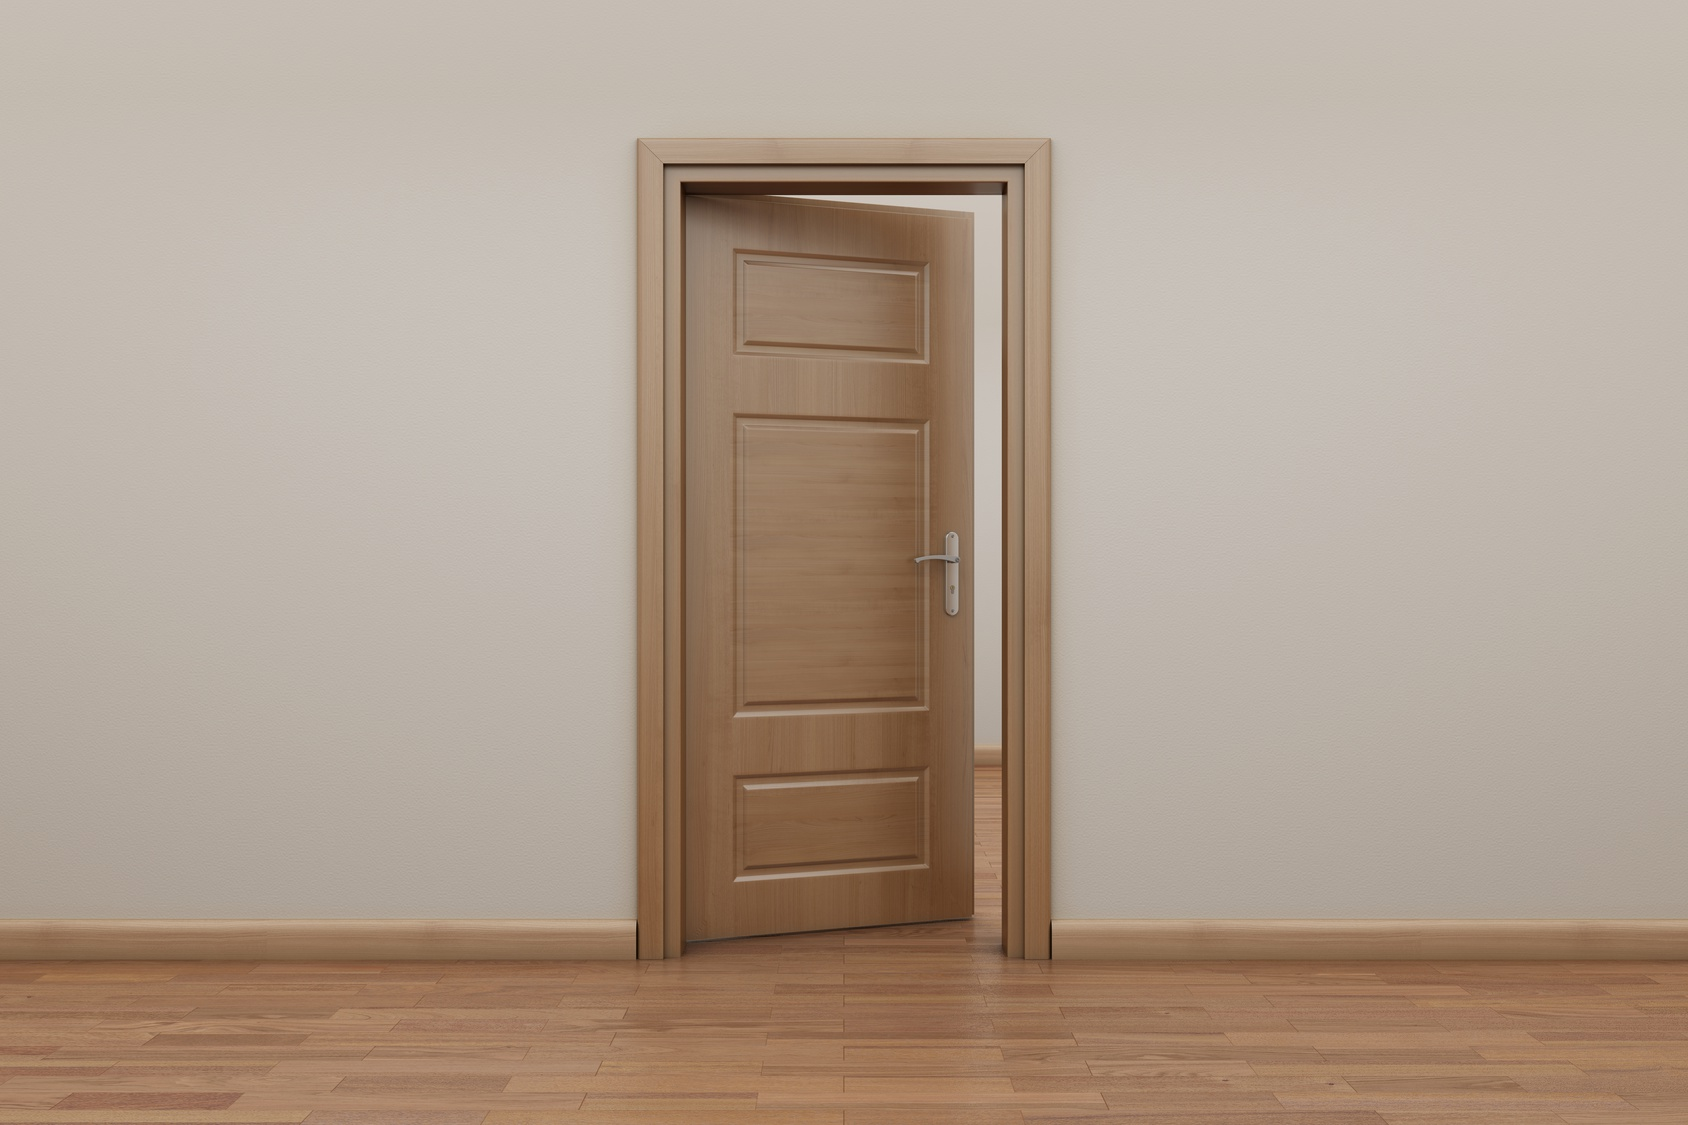 Portes int rieures tout savoir pour faire le bon choix - Modele porte en bois interieur ...